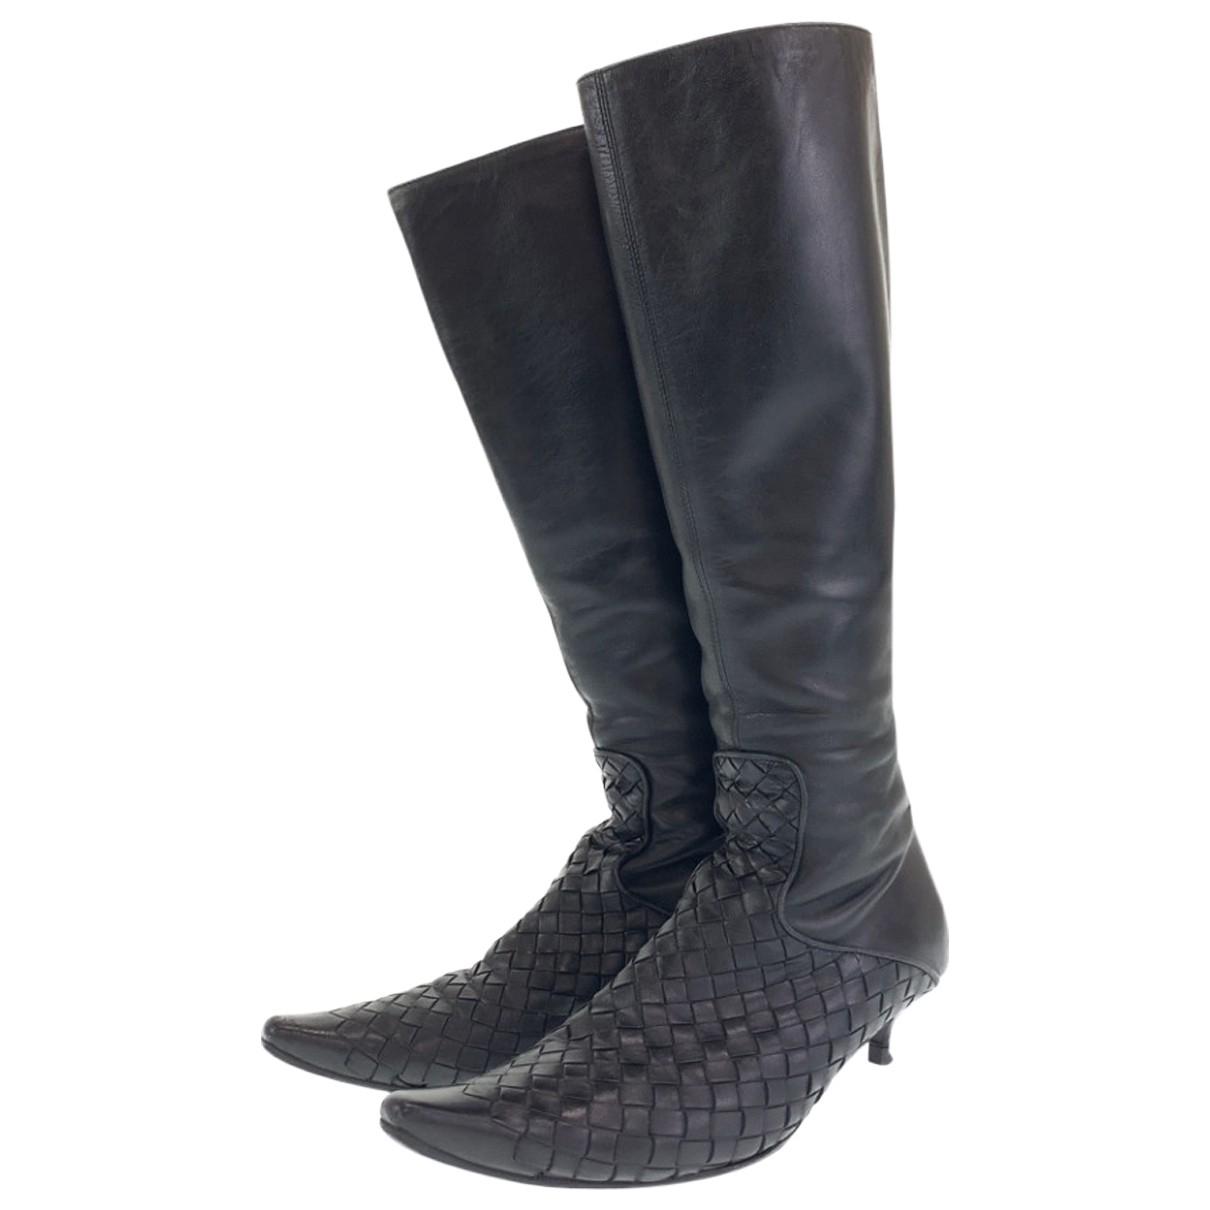 Bottega Veneta - Bottes   pour femme en cuir